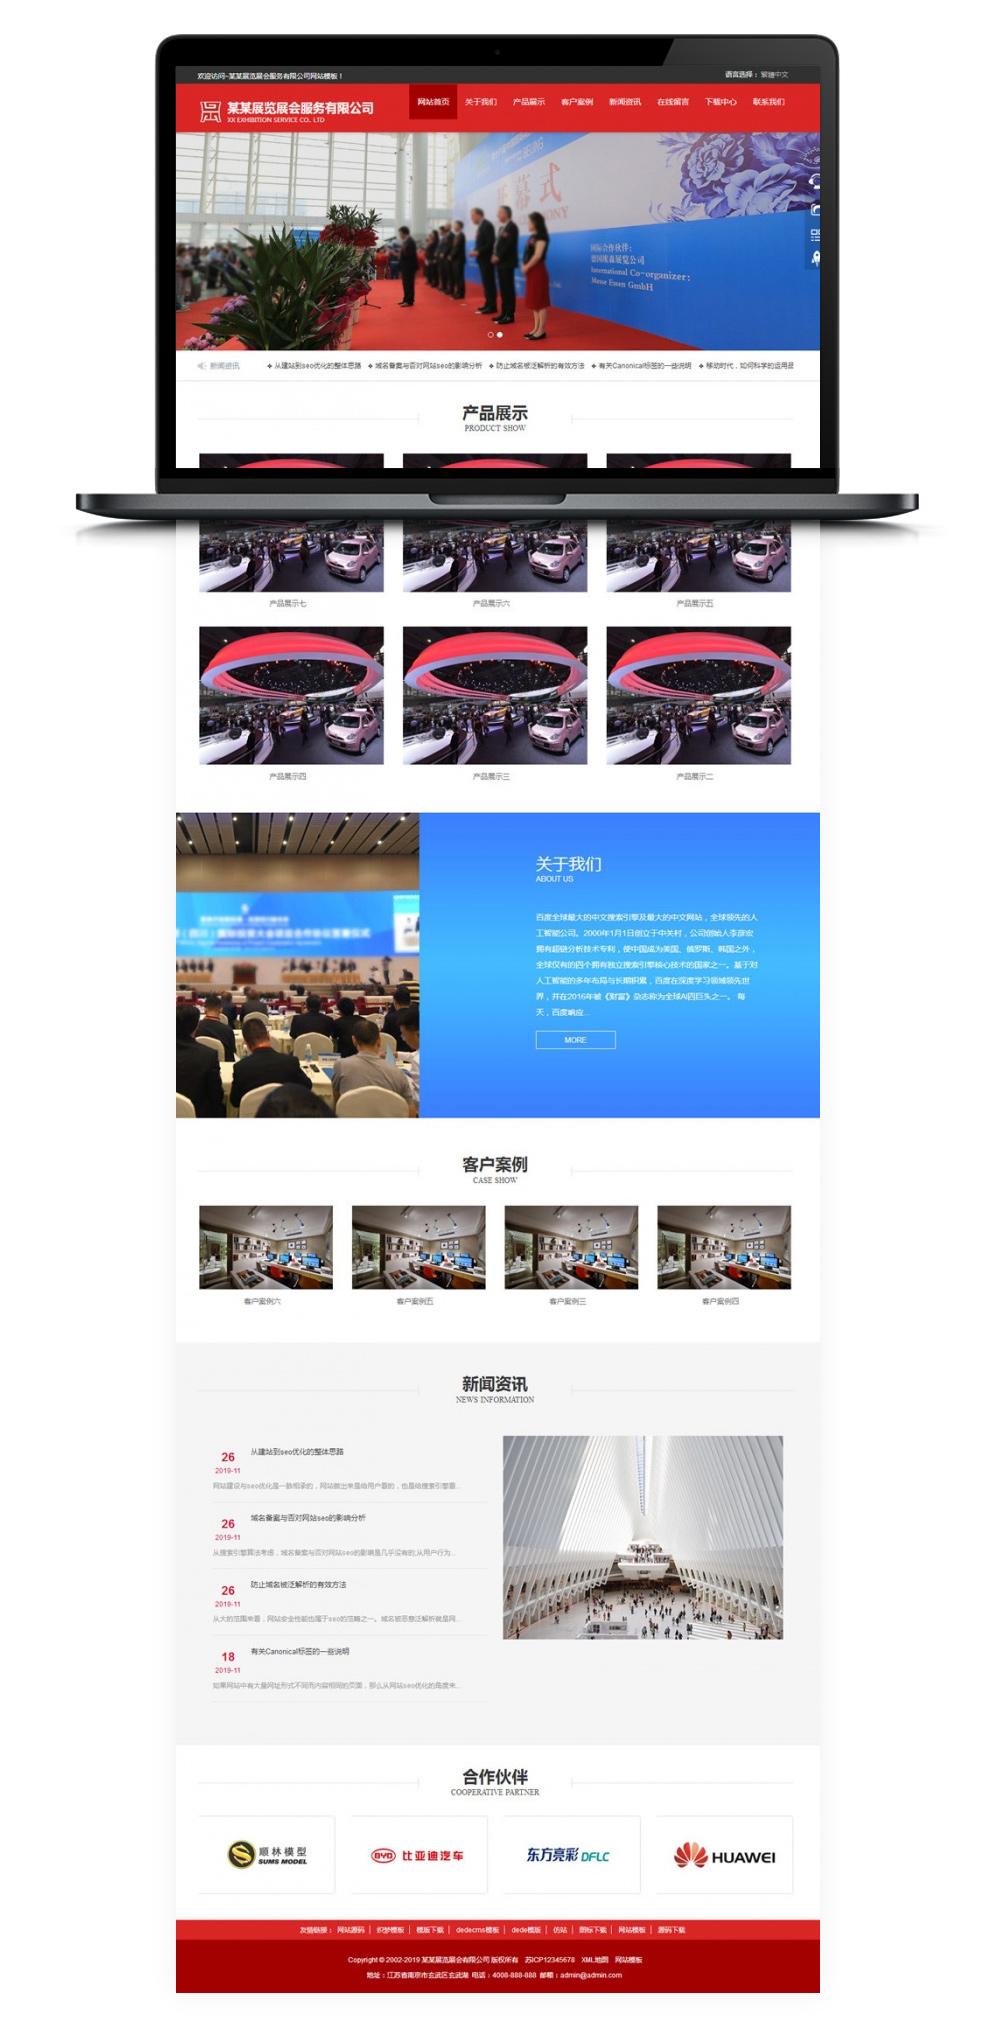 【织梦展览展会模板】HTML5响应式展览展会服务类网站源码自适应手机[DEDECMS内核]-酷网站源码